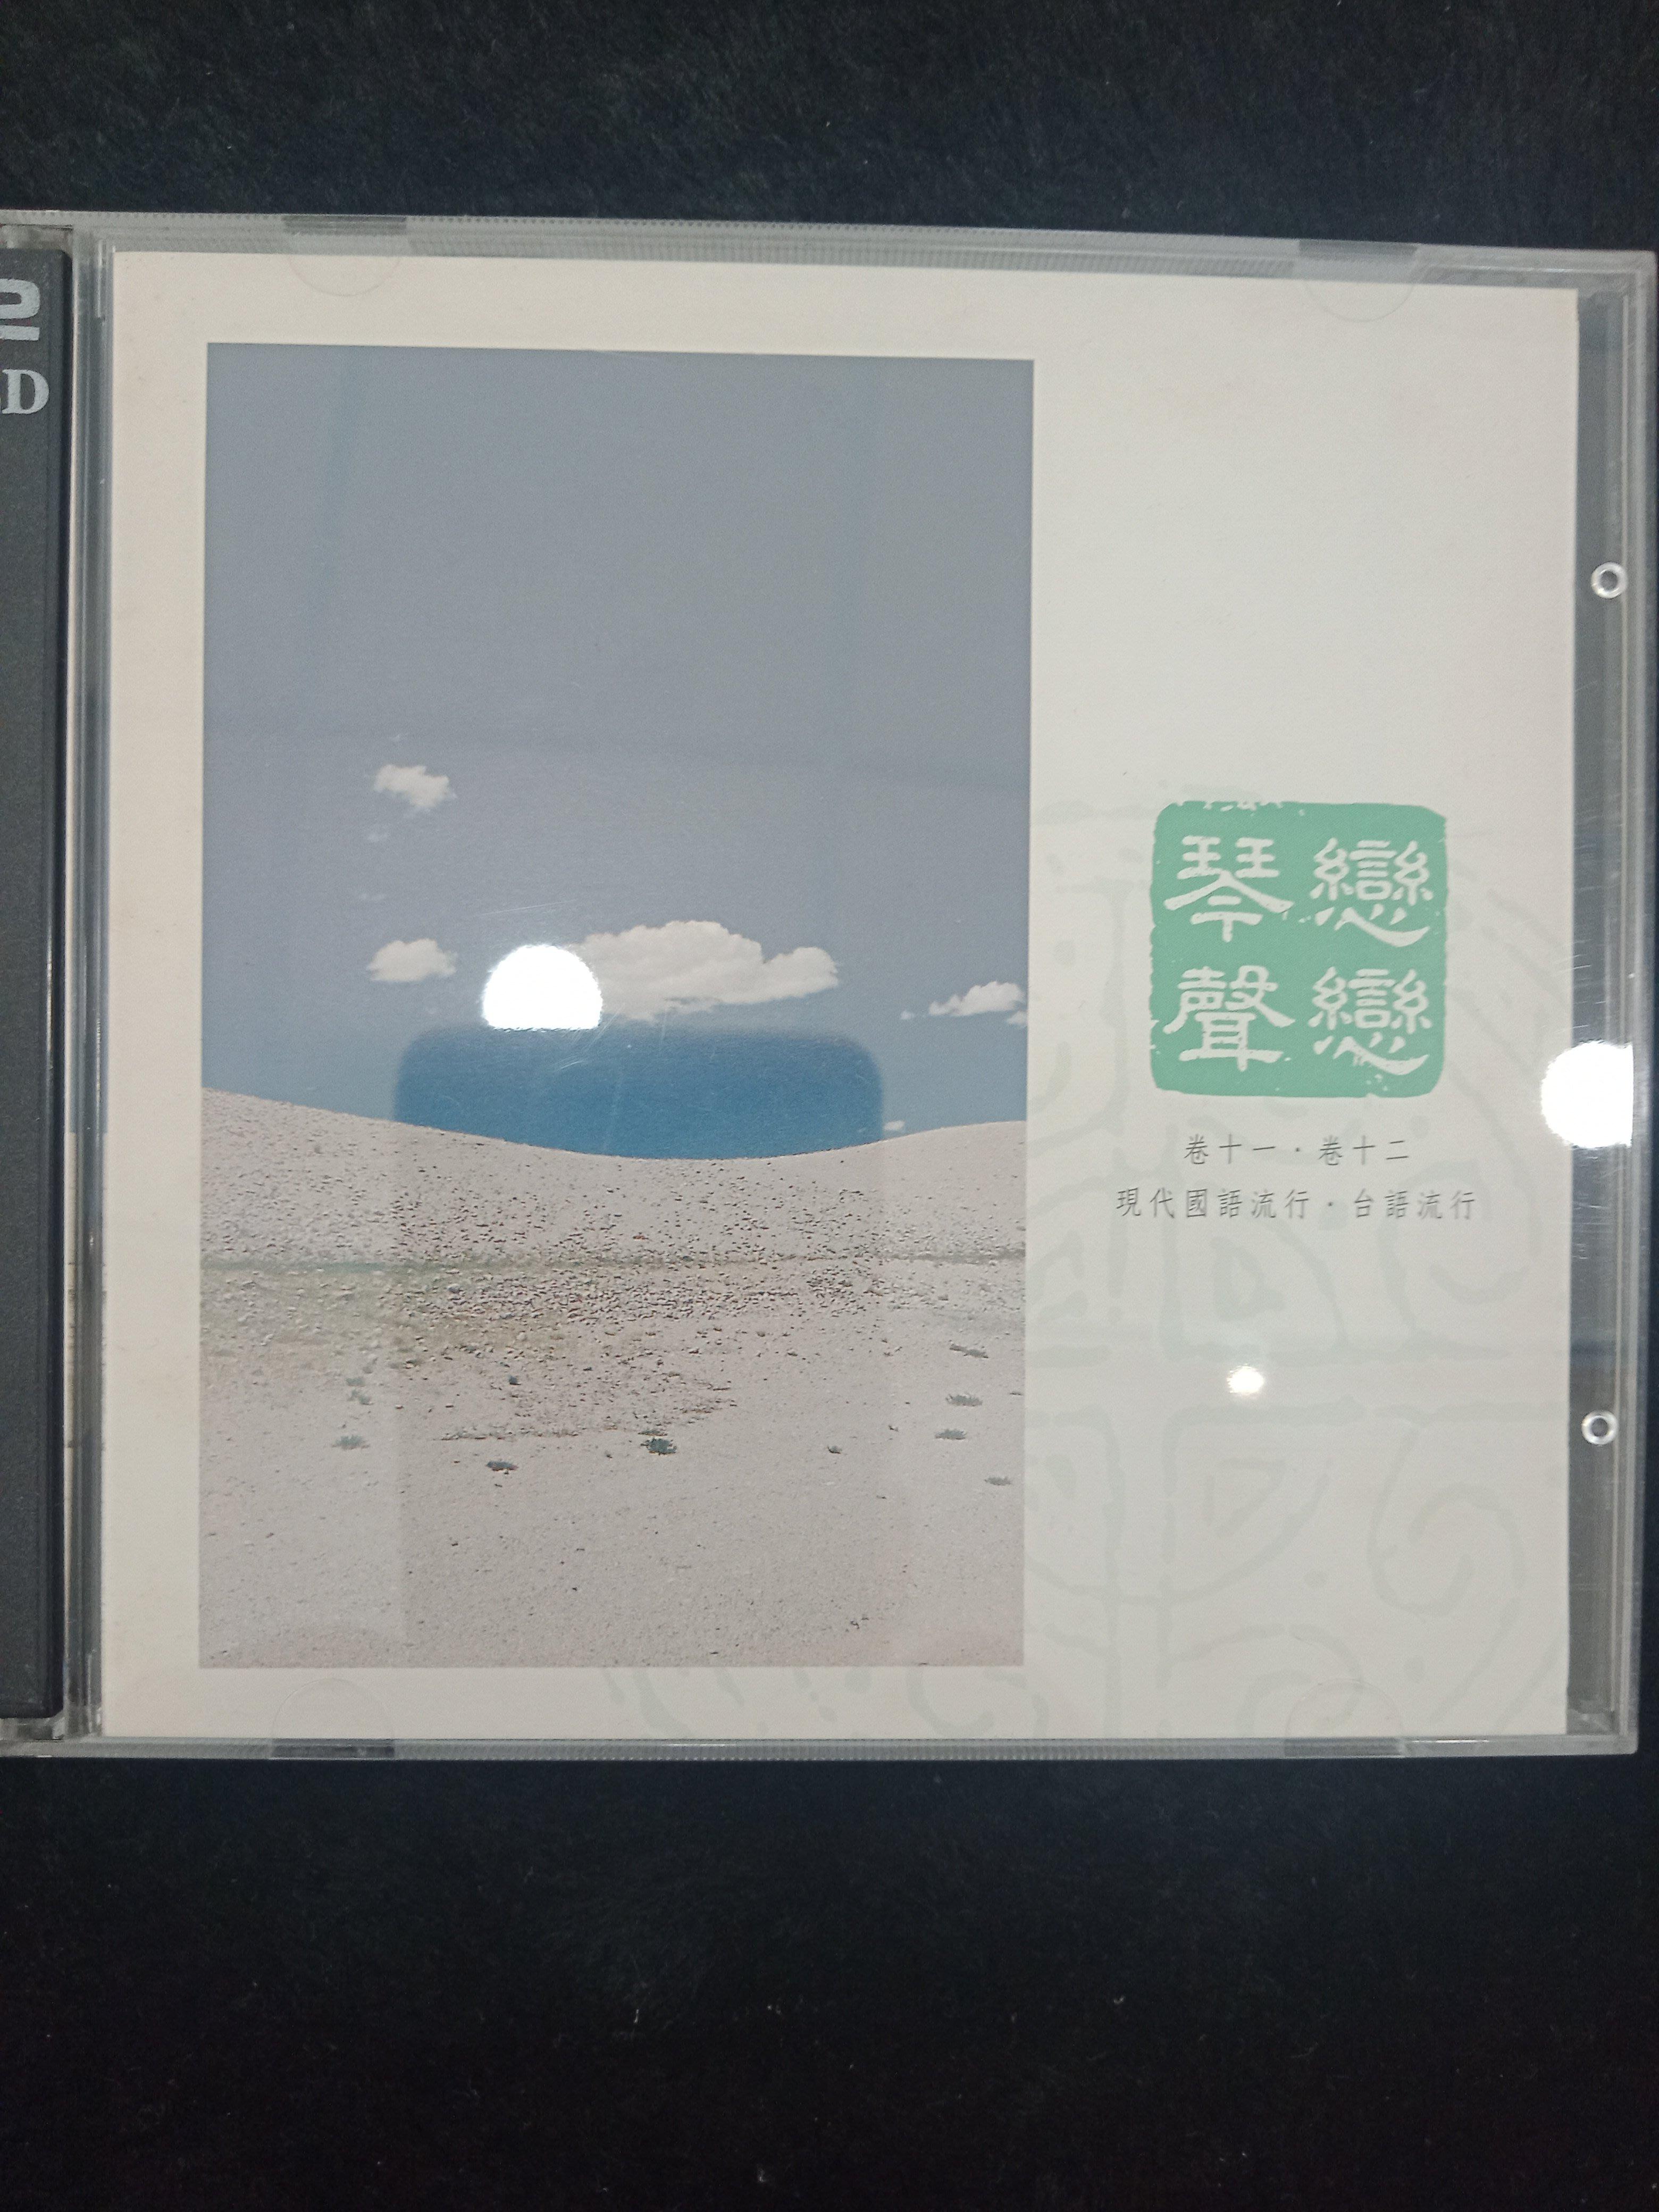 中國交響世紀 - 戀戀琴聲 - 卷十一 卷十二 國台語流行 2CD - 1997年金革版 -碟片近新 - 201元起標